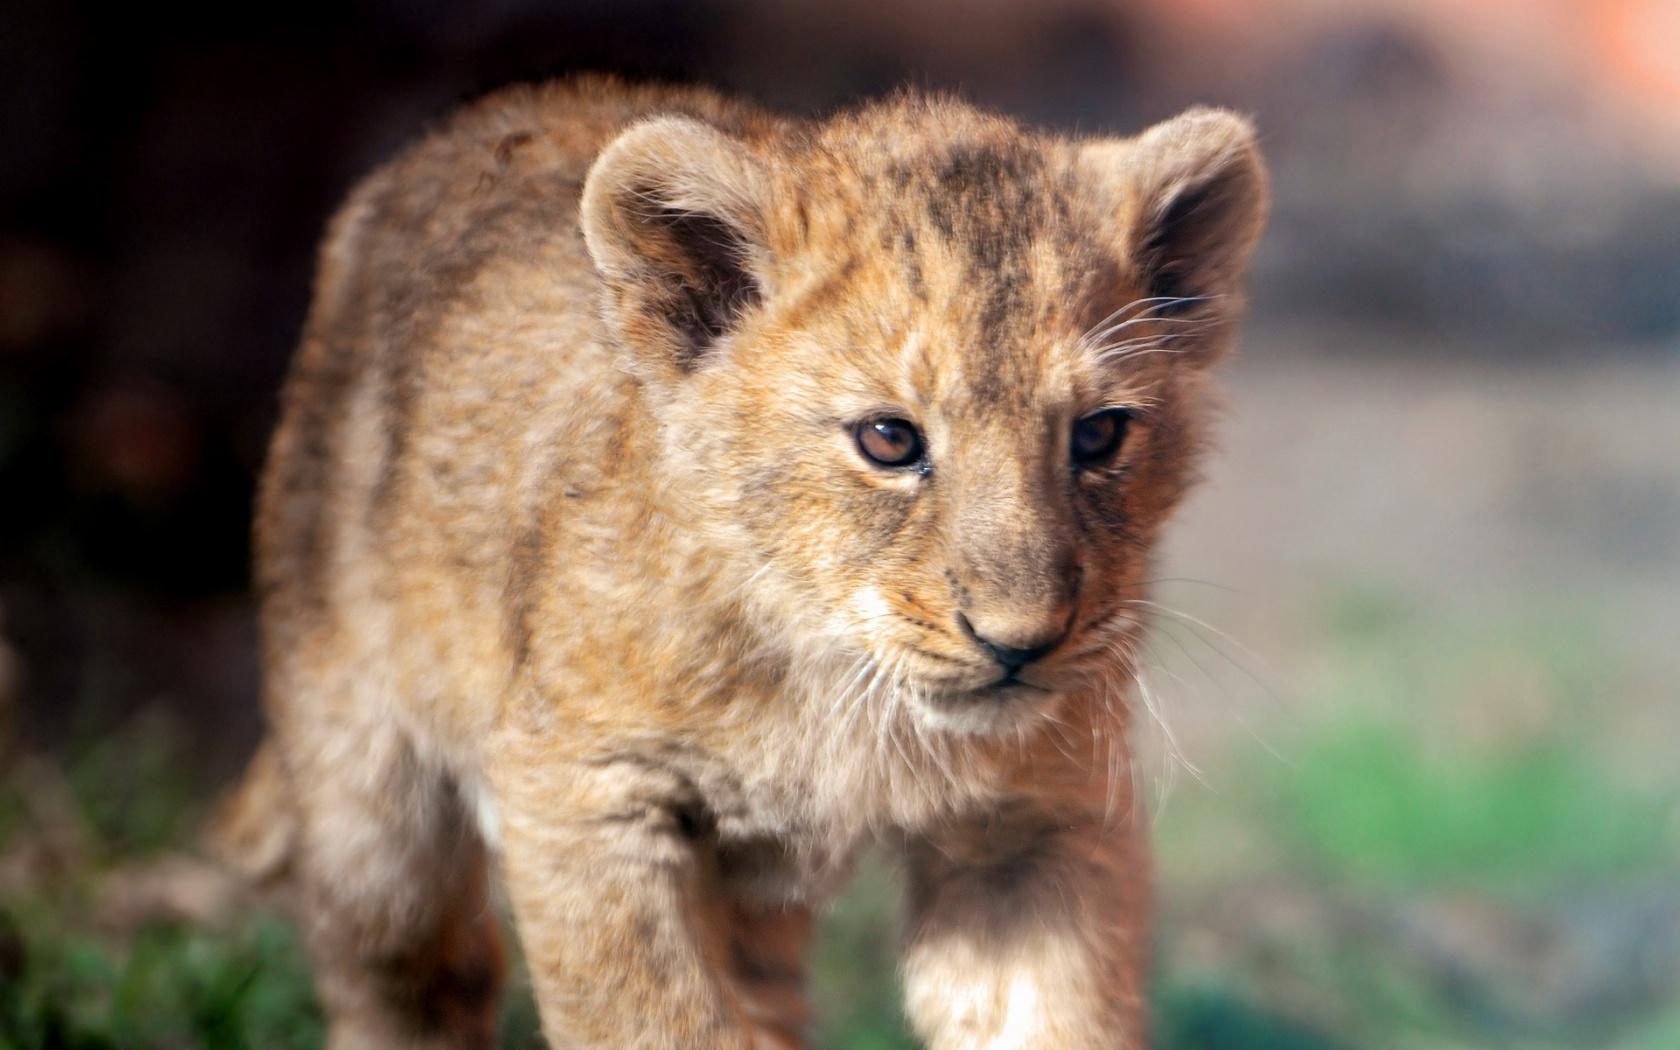 Cute lion cub   Lion cubs Wallpaper 36286253 1680x1050